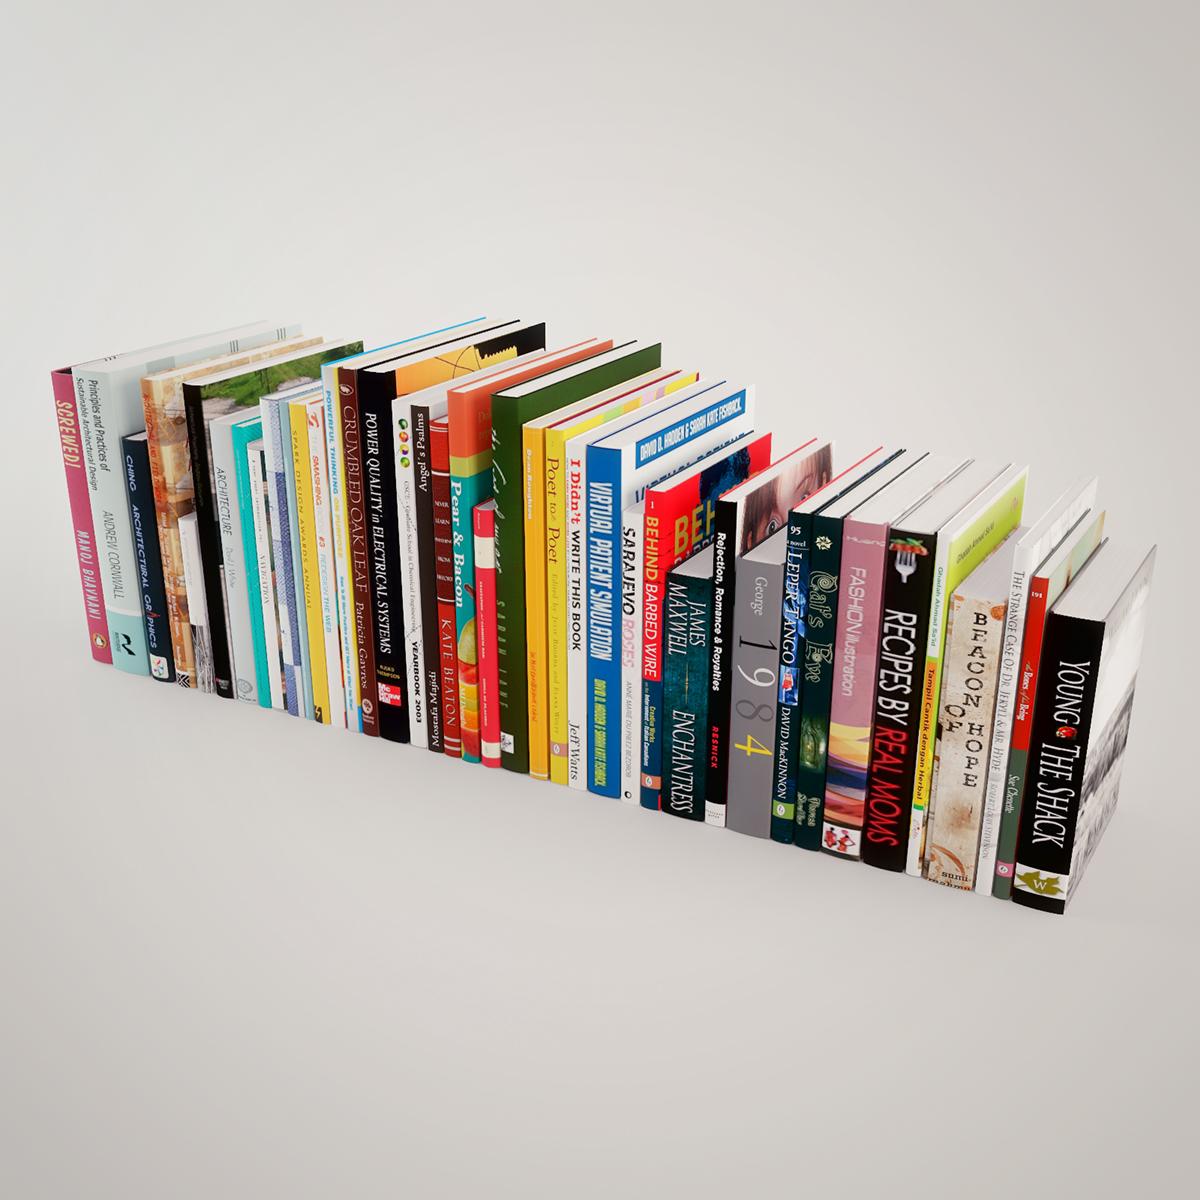 free books models